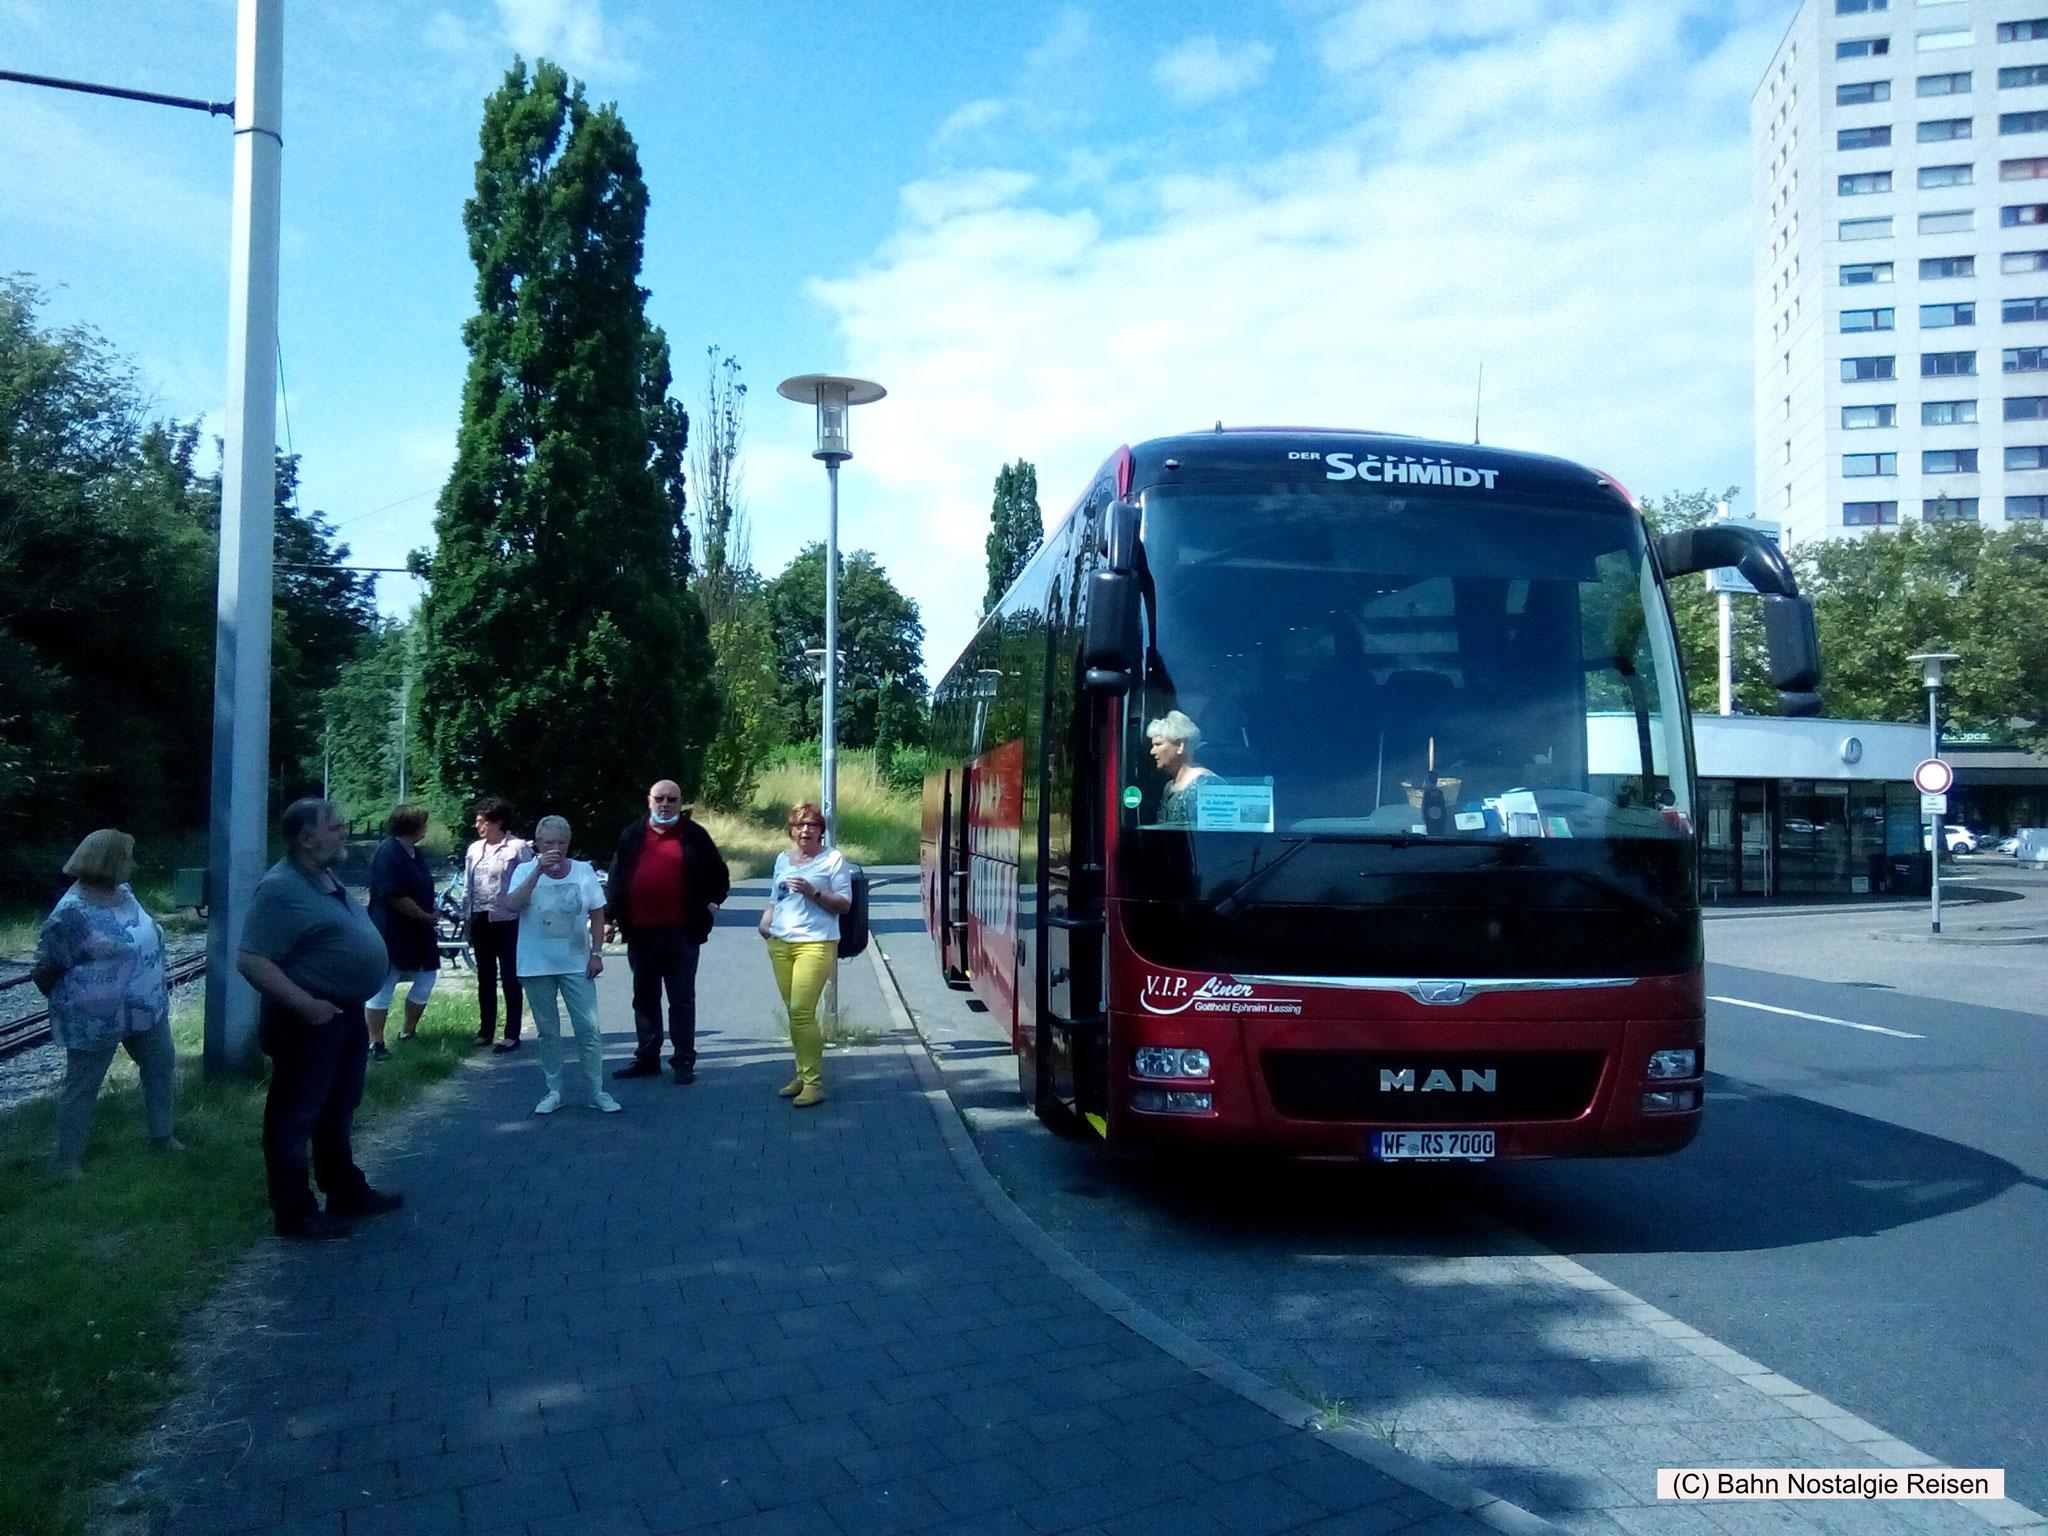 V. I. P. Liner Reisebus am ZOB Braunschweig